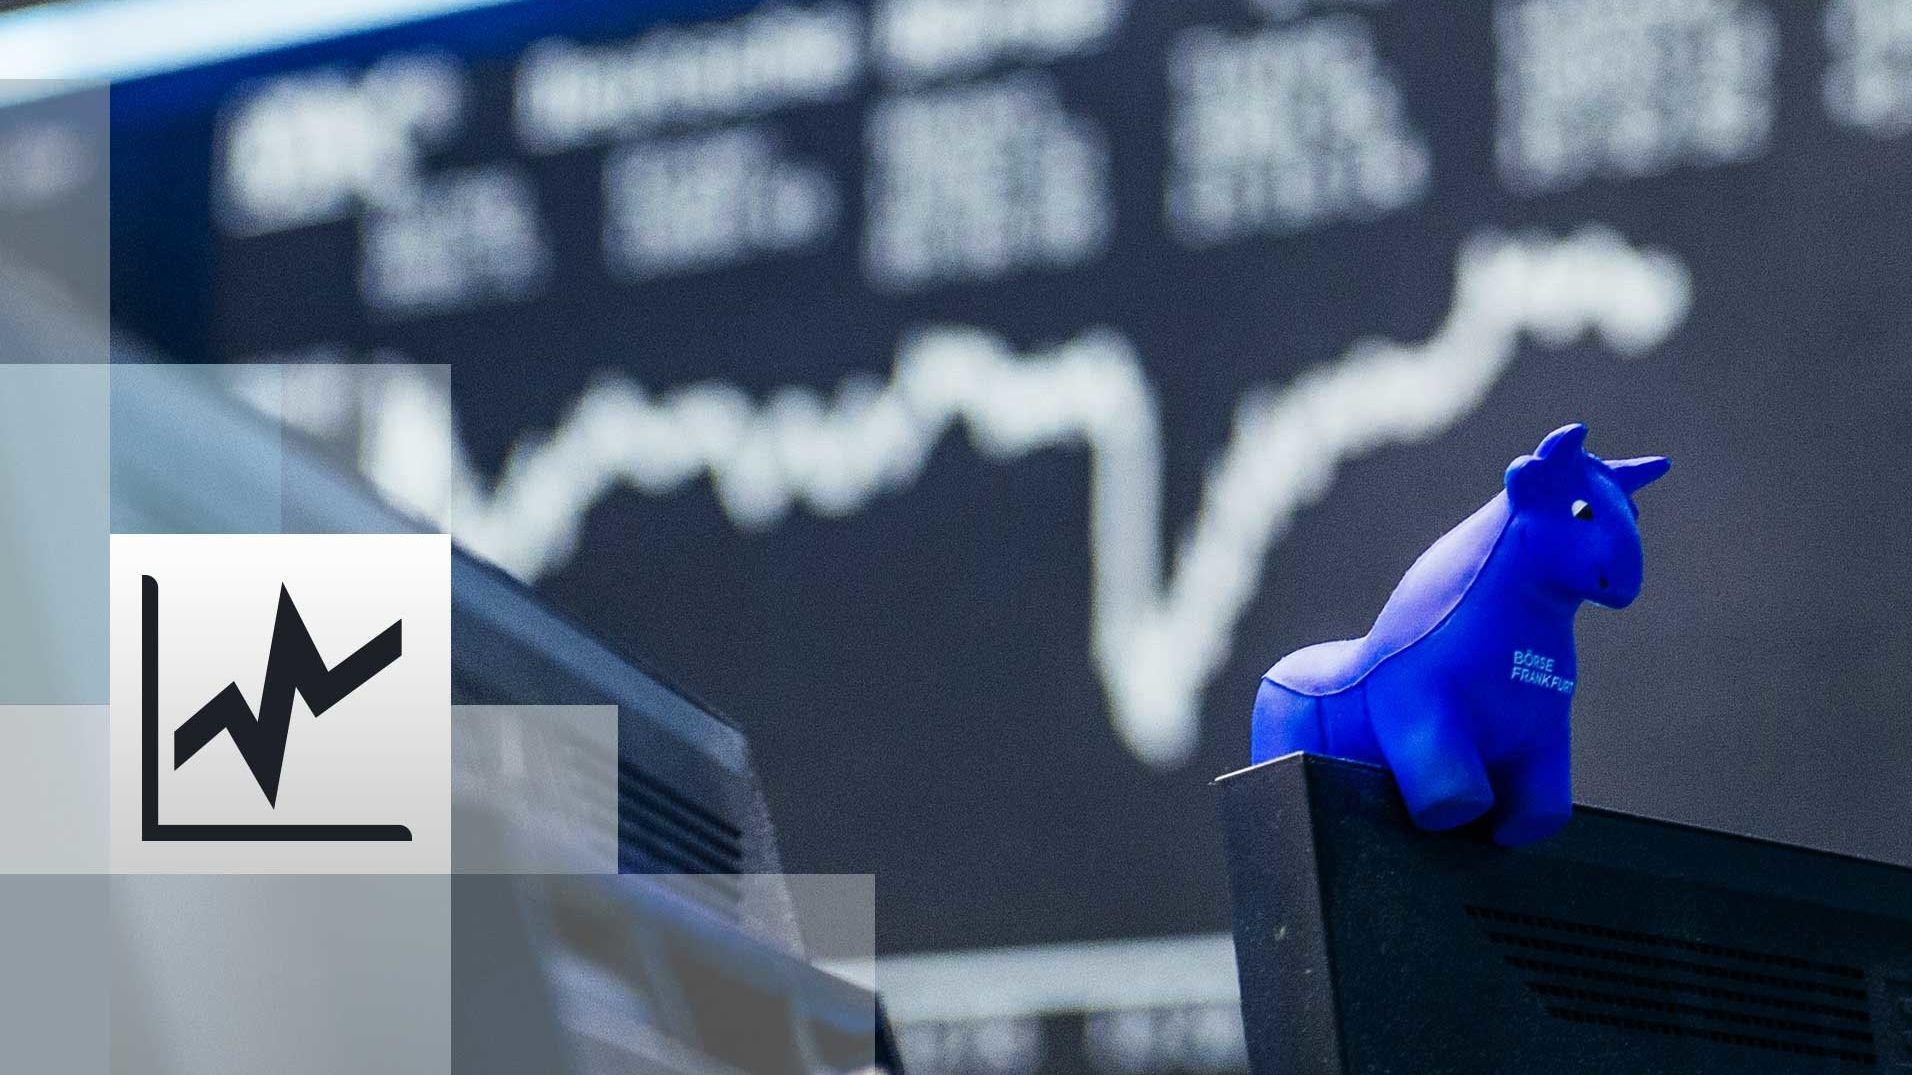 ein blauer Stier aus Gummi sitzt auf der oberen Kante eines Bildschirmes, im Hintergrund die Kurstafel der Börseein blauer Stier aus Gummi sitzt auf der oberen Kante eines Bildschirmes, im Hintergrund die Kurstafel der Börse